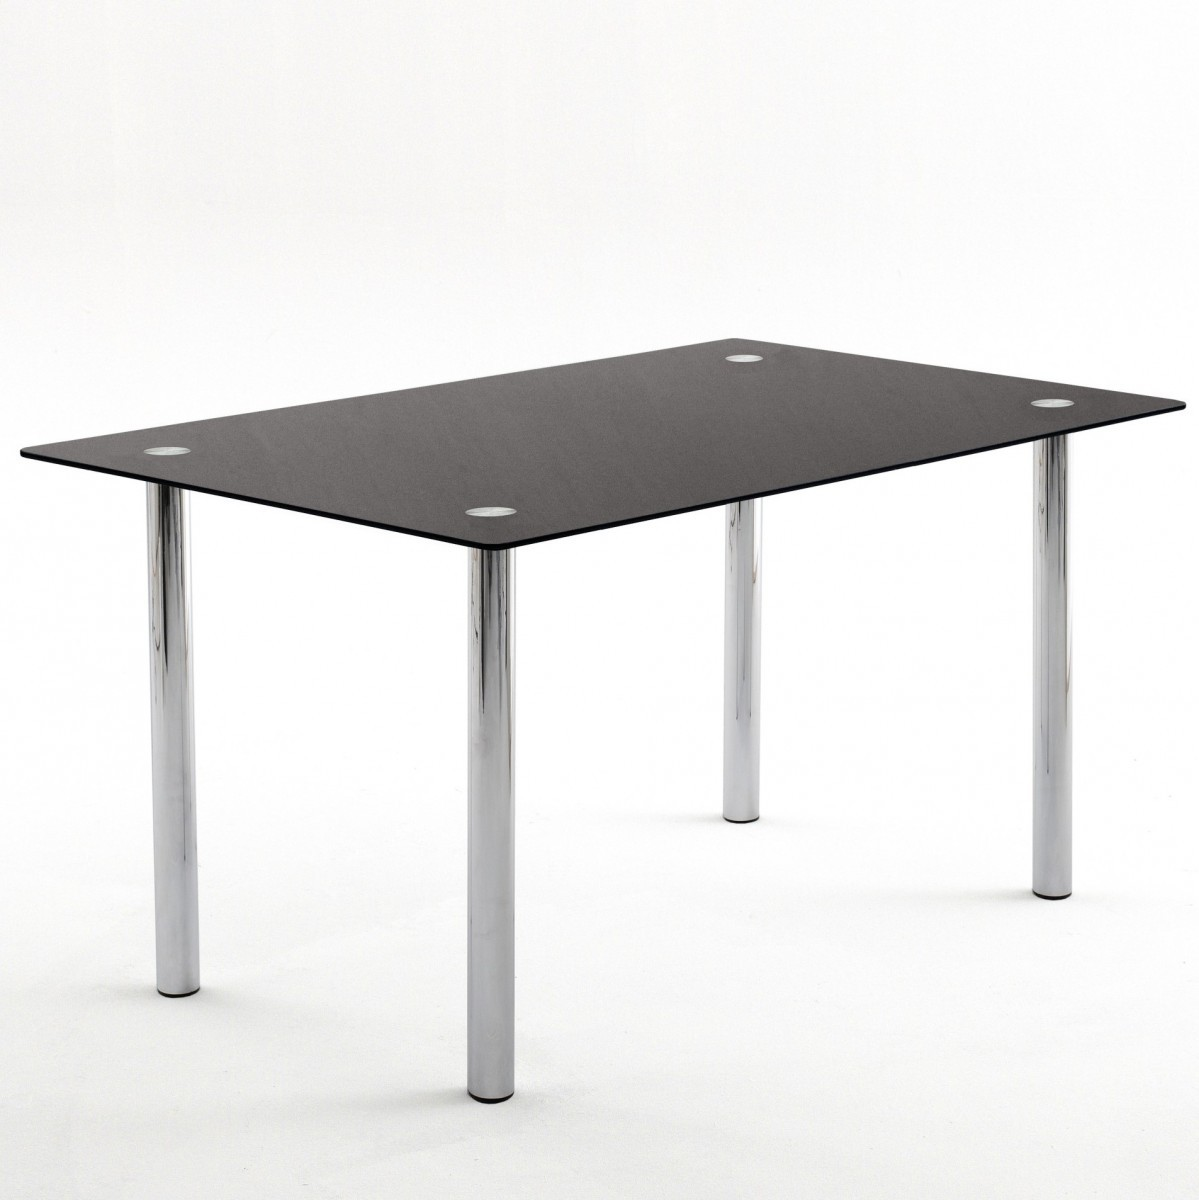 glastisch esstisch tisch k chentisch silver in schwarzglas chrom 150cmx90cm ebay. Black Bedroom Furniture Sets. Home Design Ideas